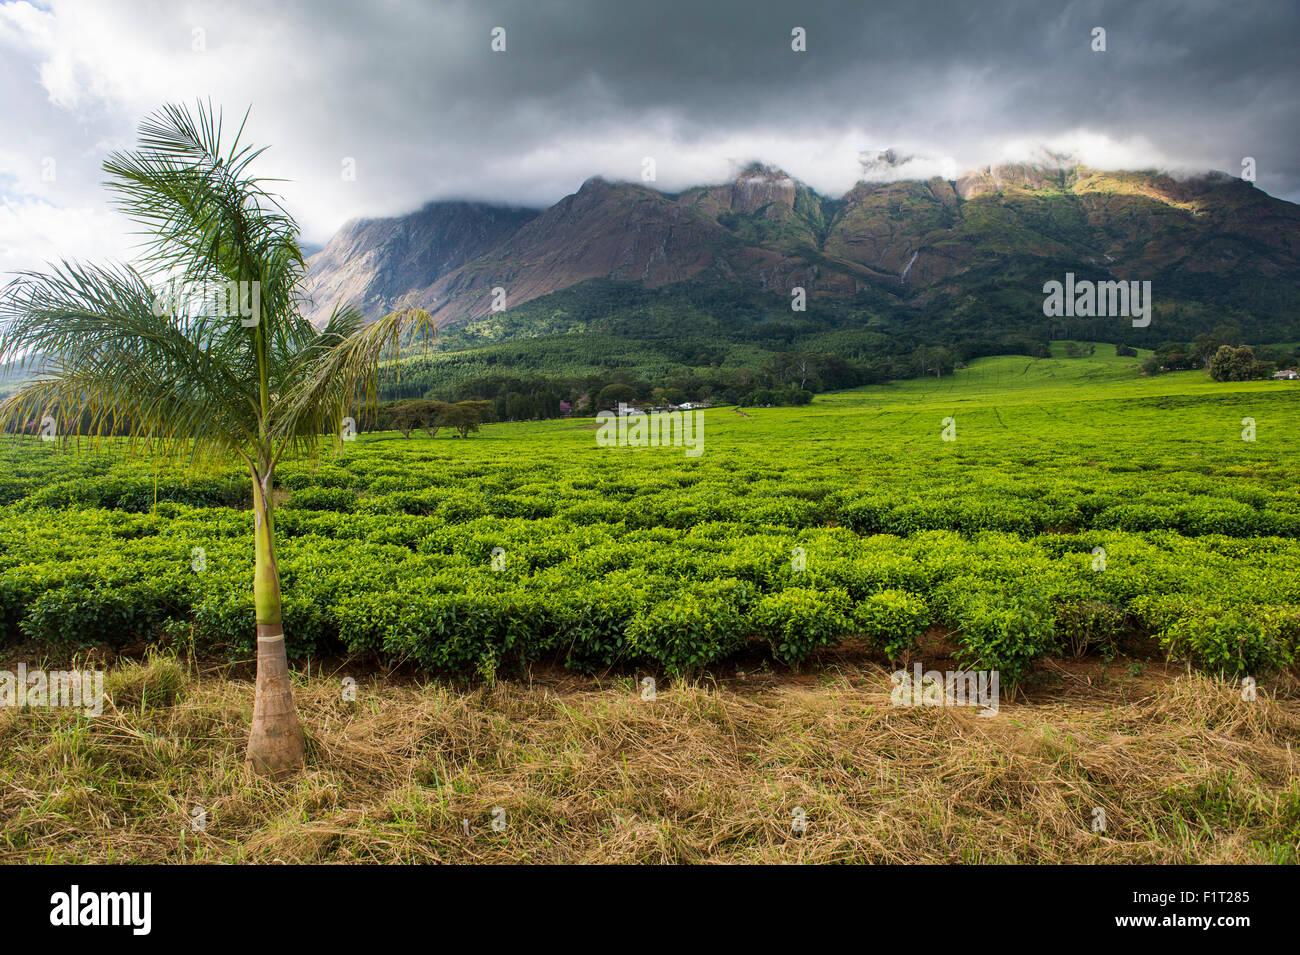 Plantation de thé sur le mont Mulanje, Malawi, Afrique Photo Stock